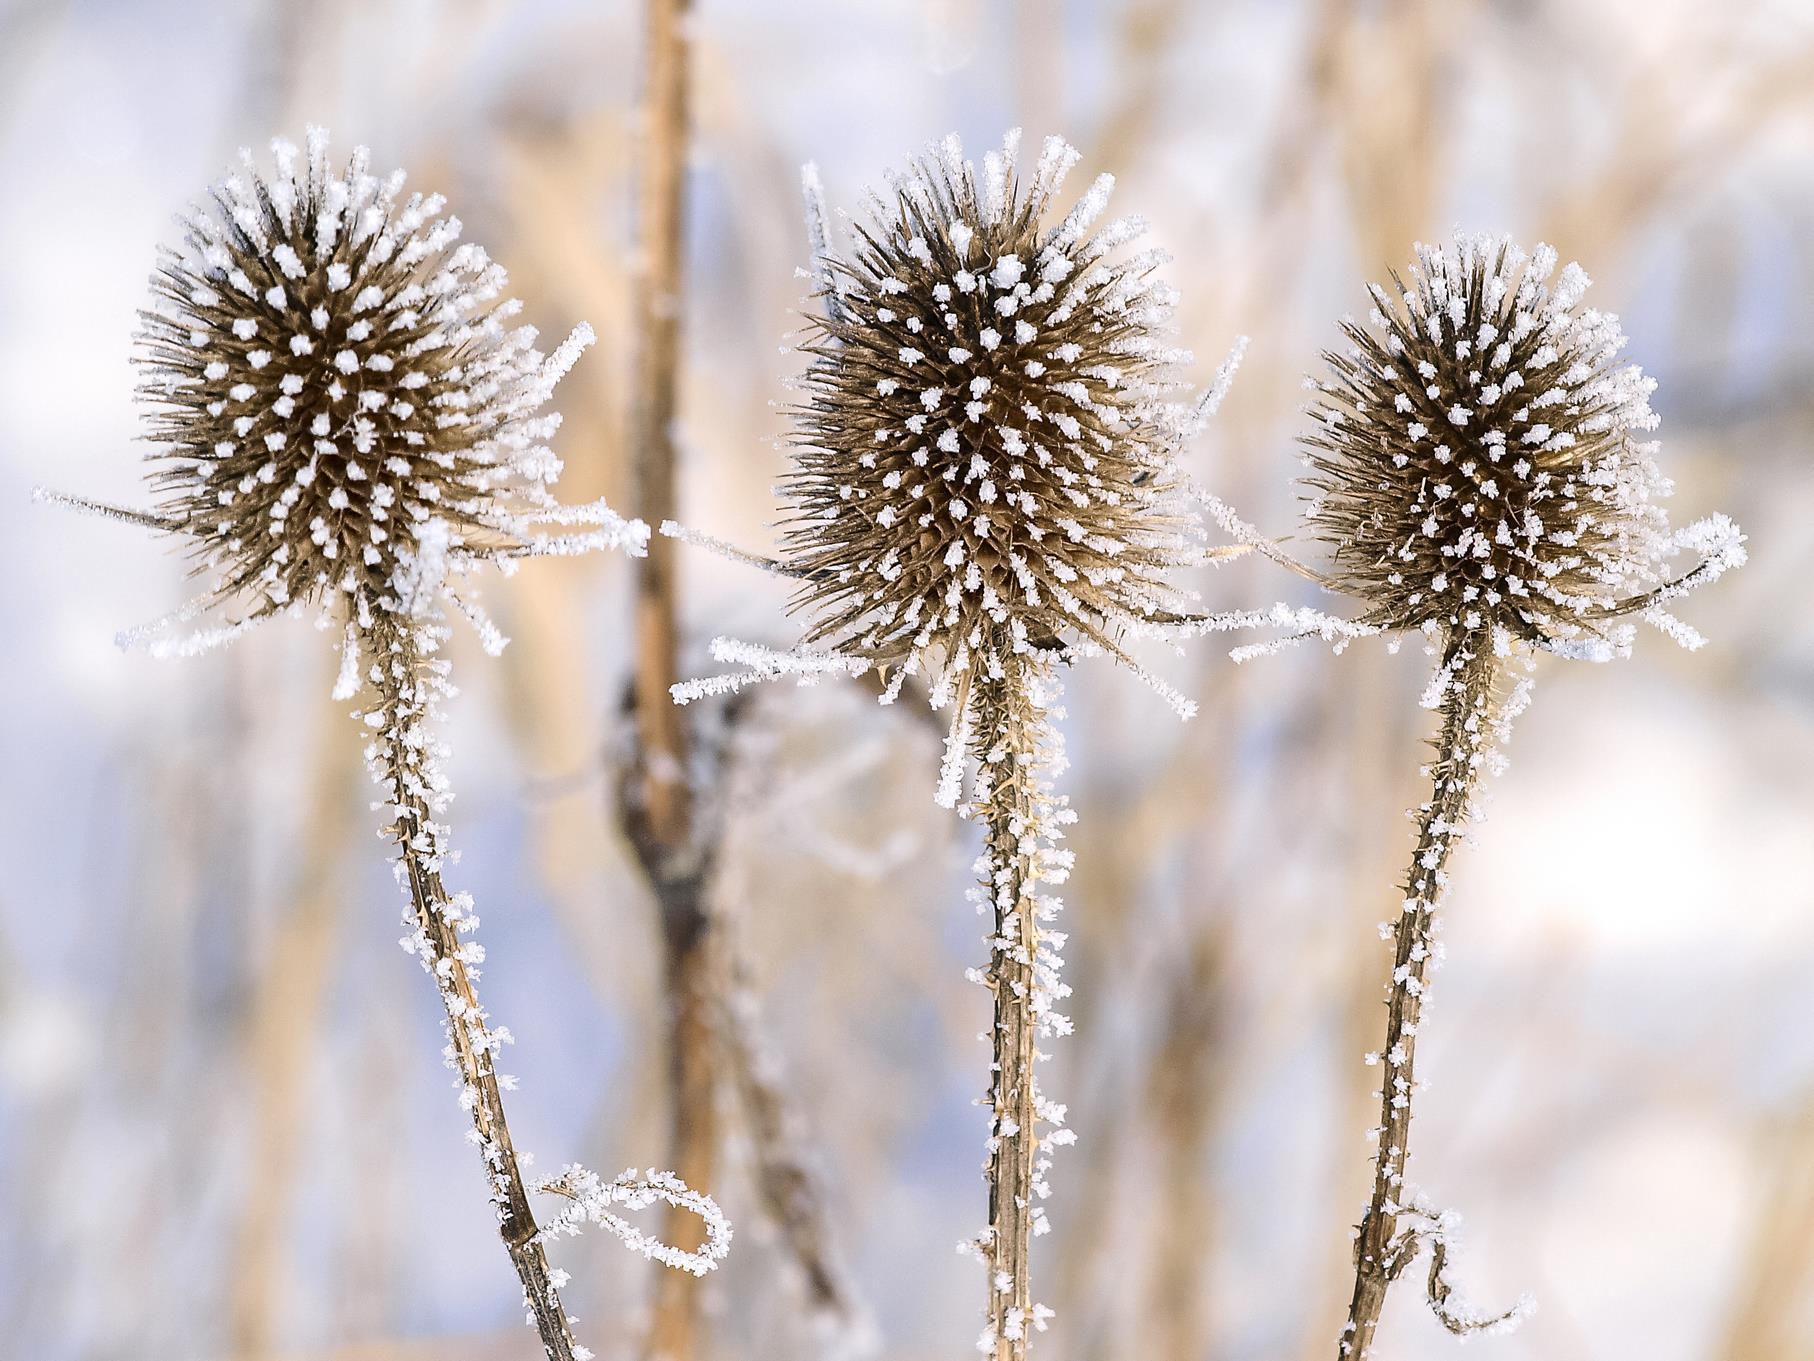 Viele Pflanzen, hier wilde Karde, sind im Januar mit einer weißen Schnee- oder Eisschicht überzogen.